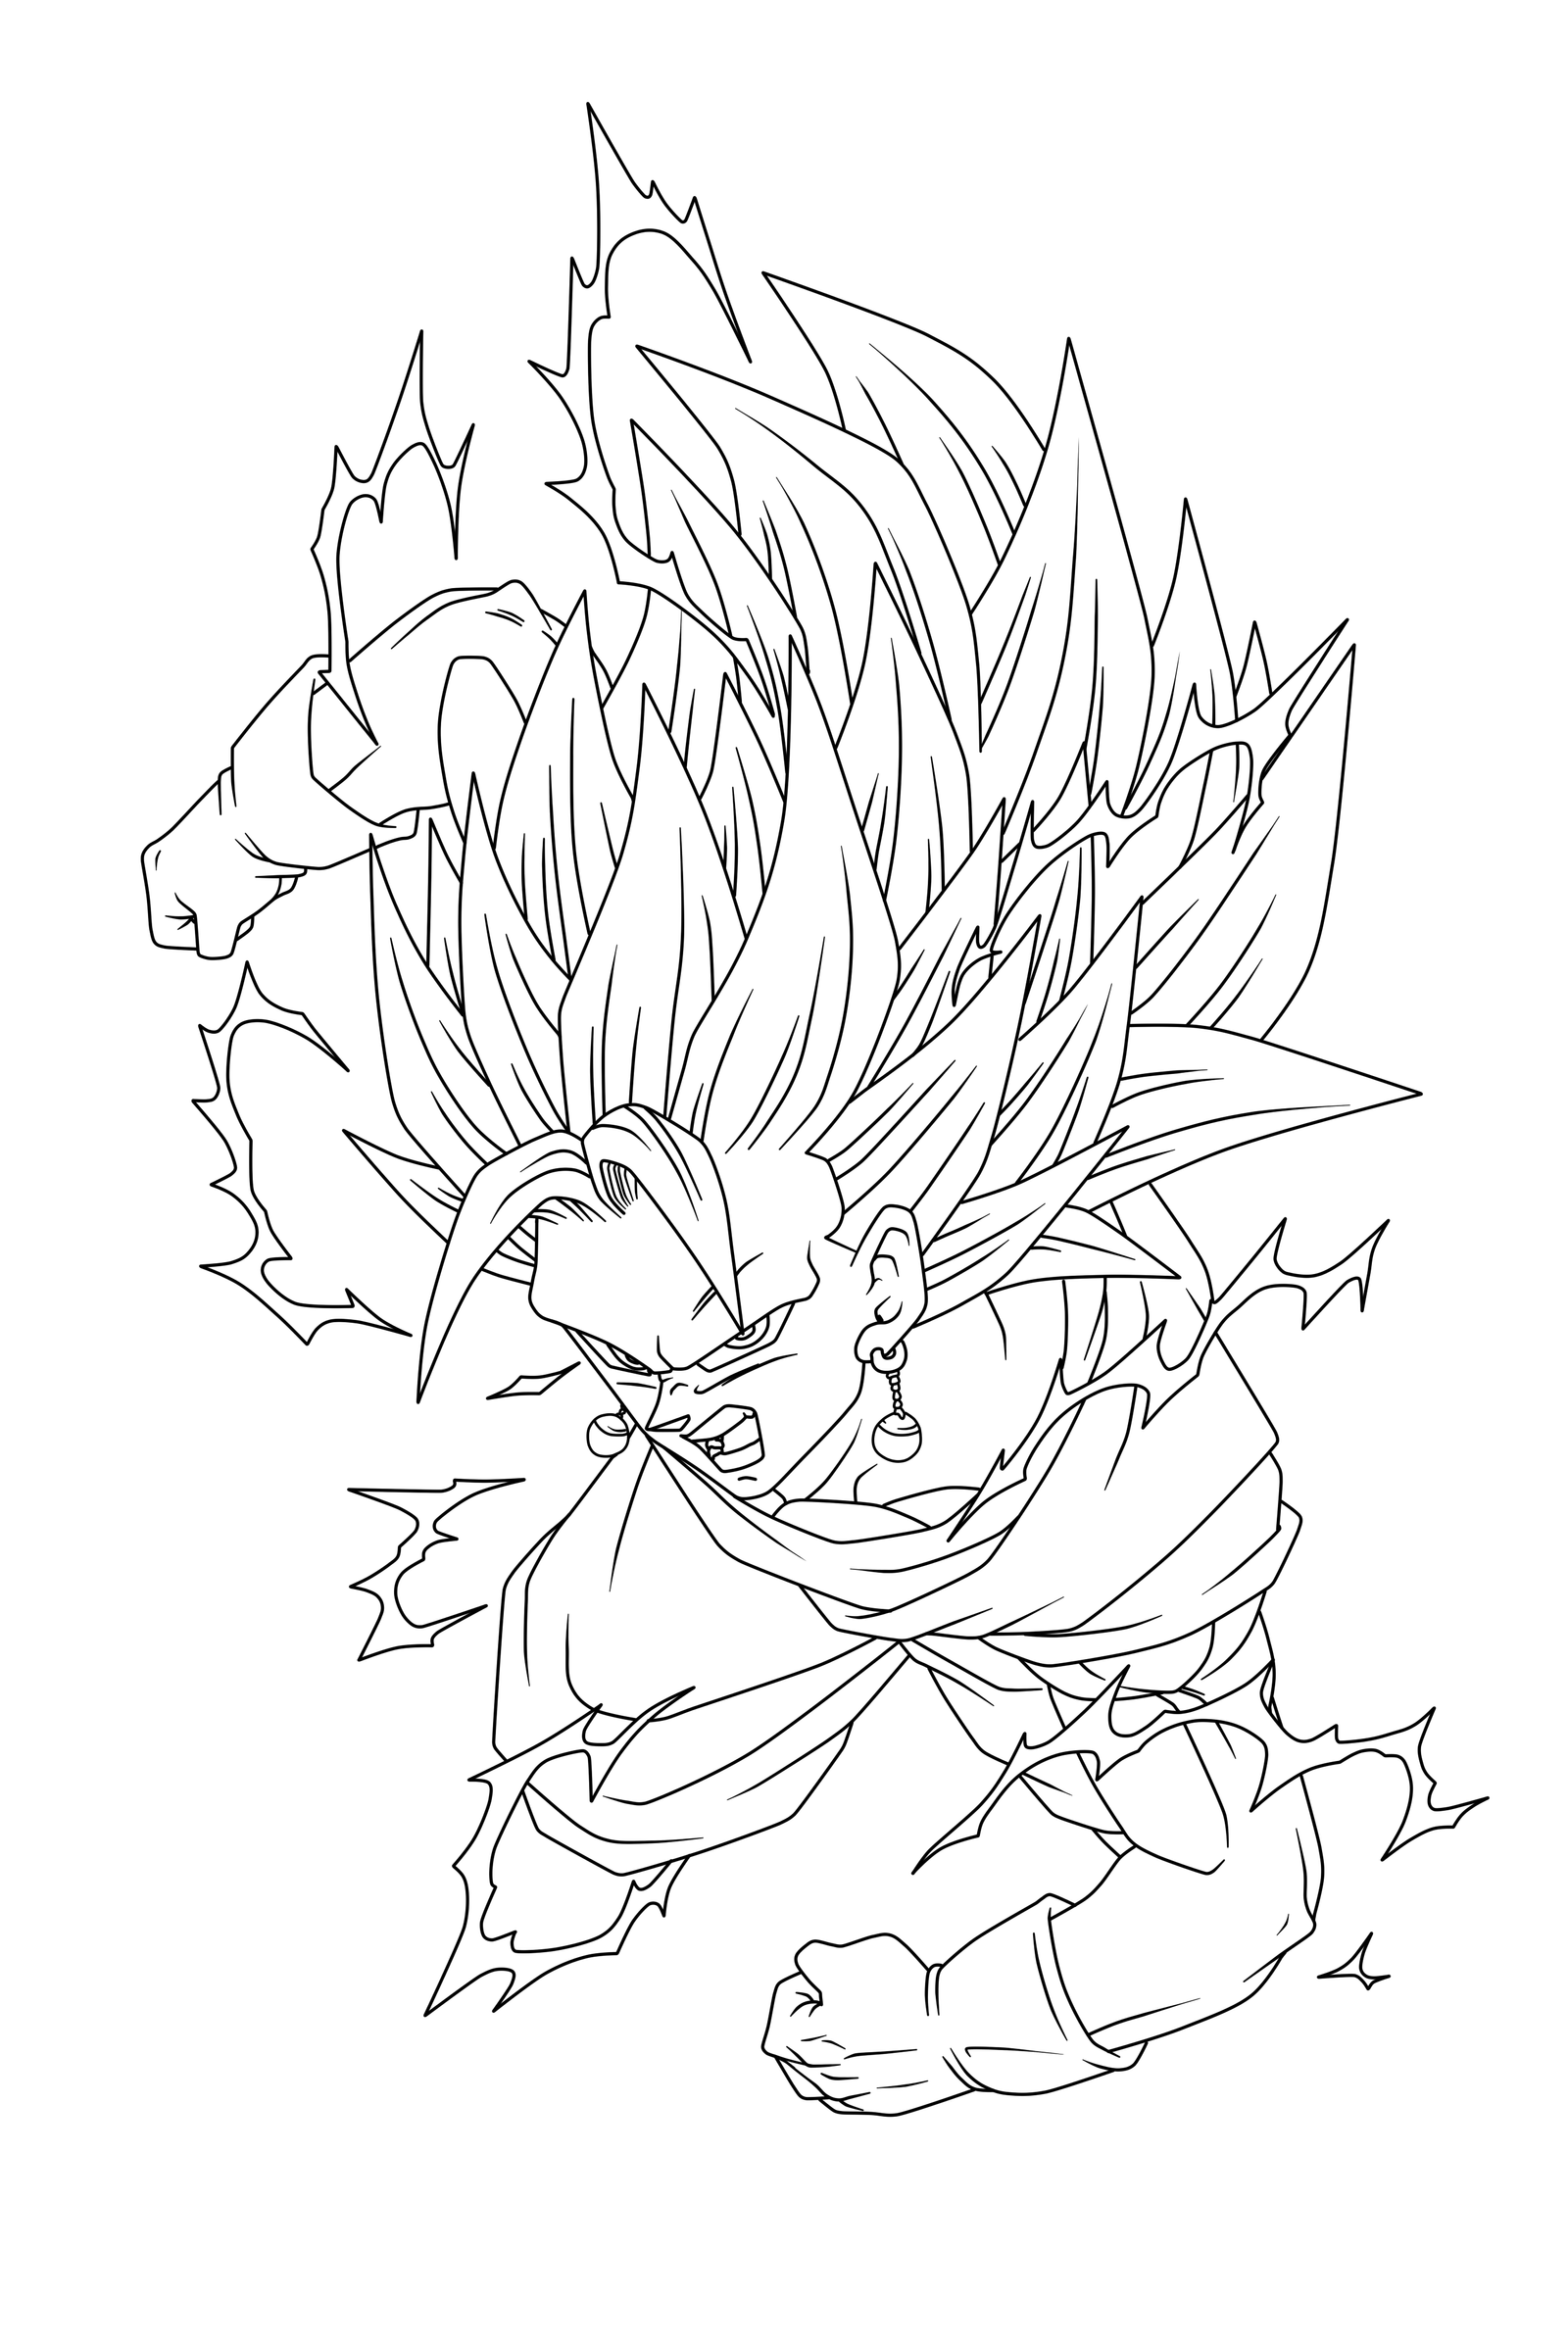 Dragon Ball Z Lineart : Vegetto ssj lineart by arrancarippo on deviantart